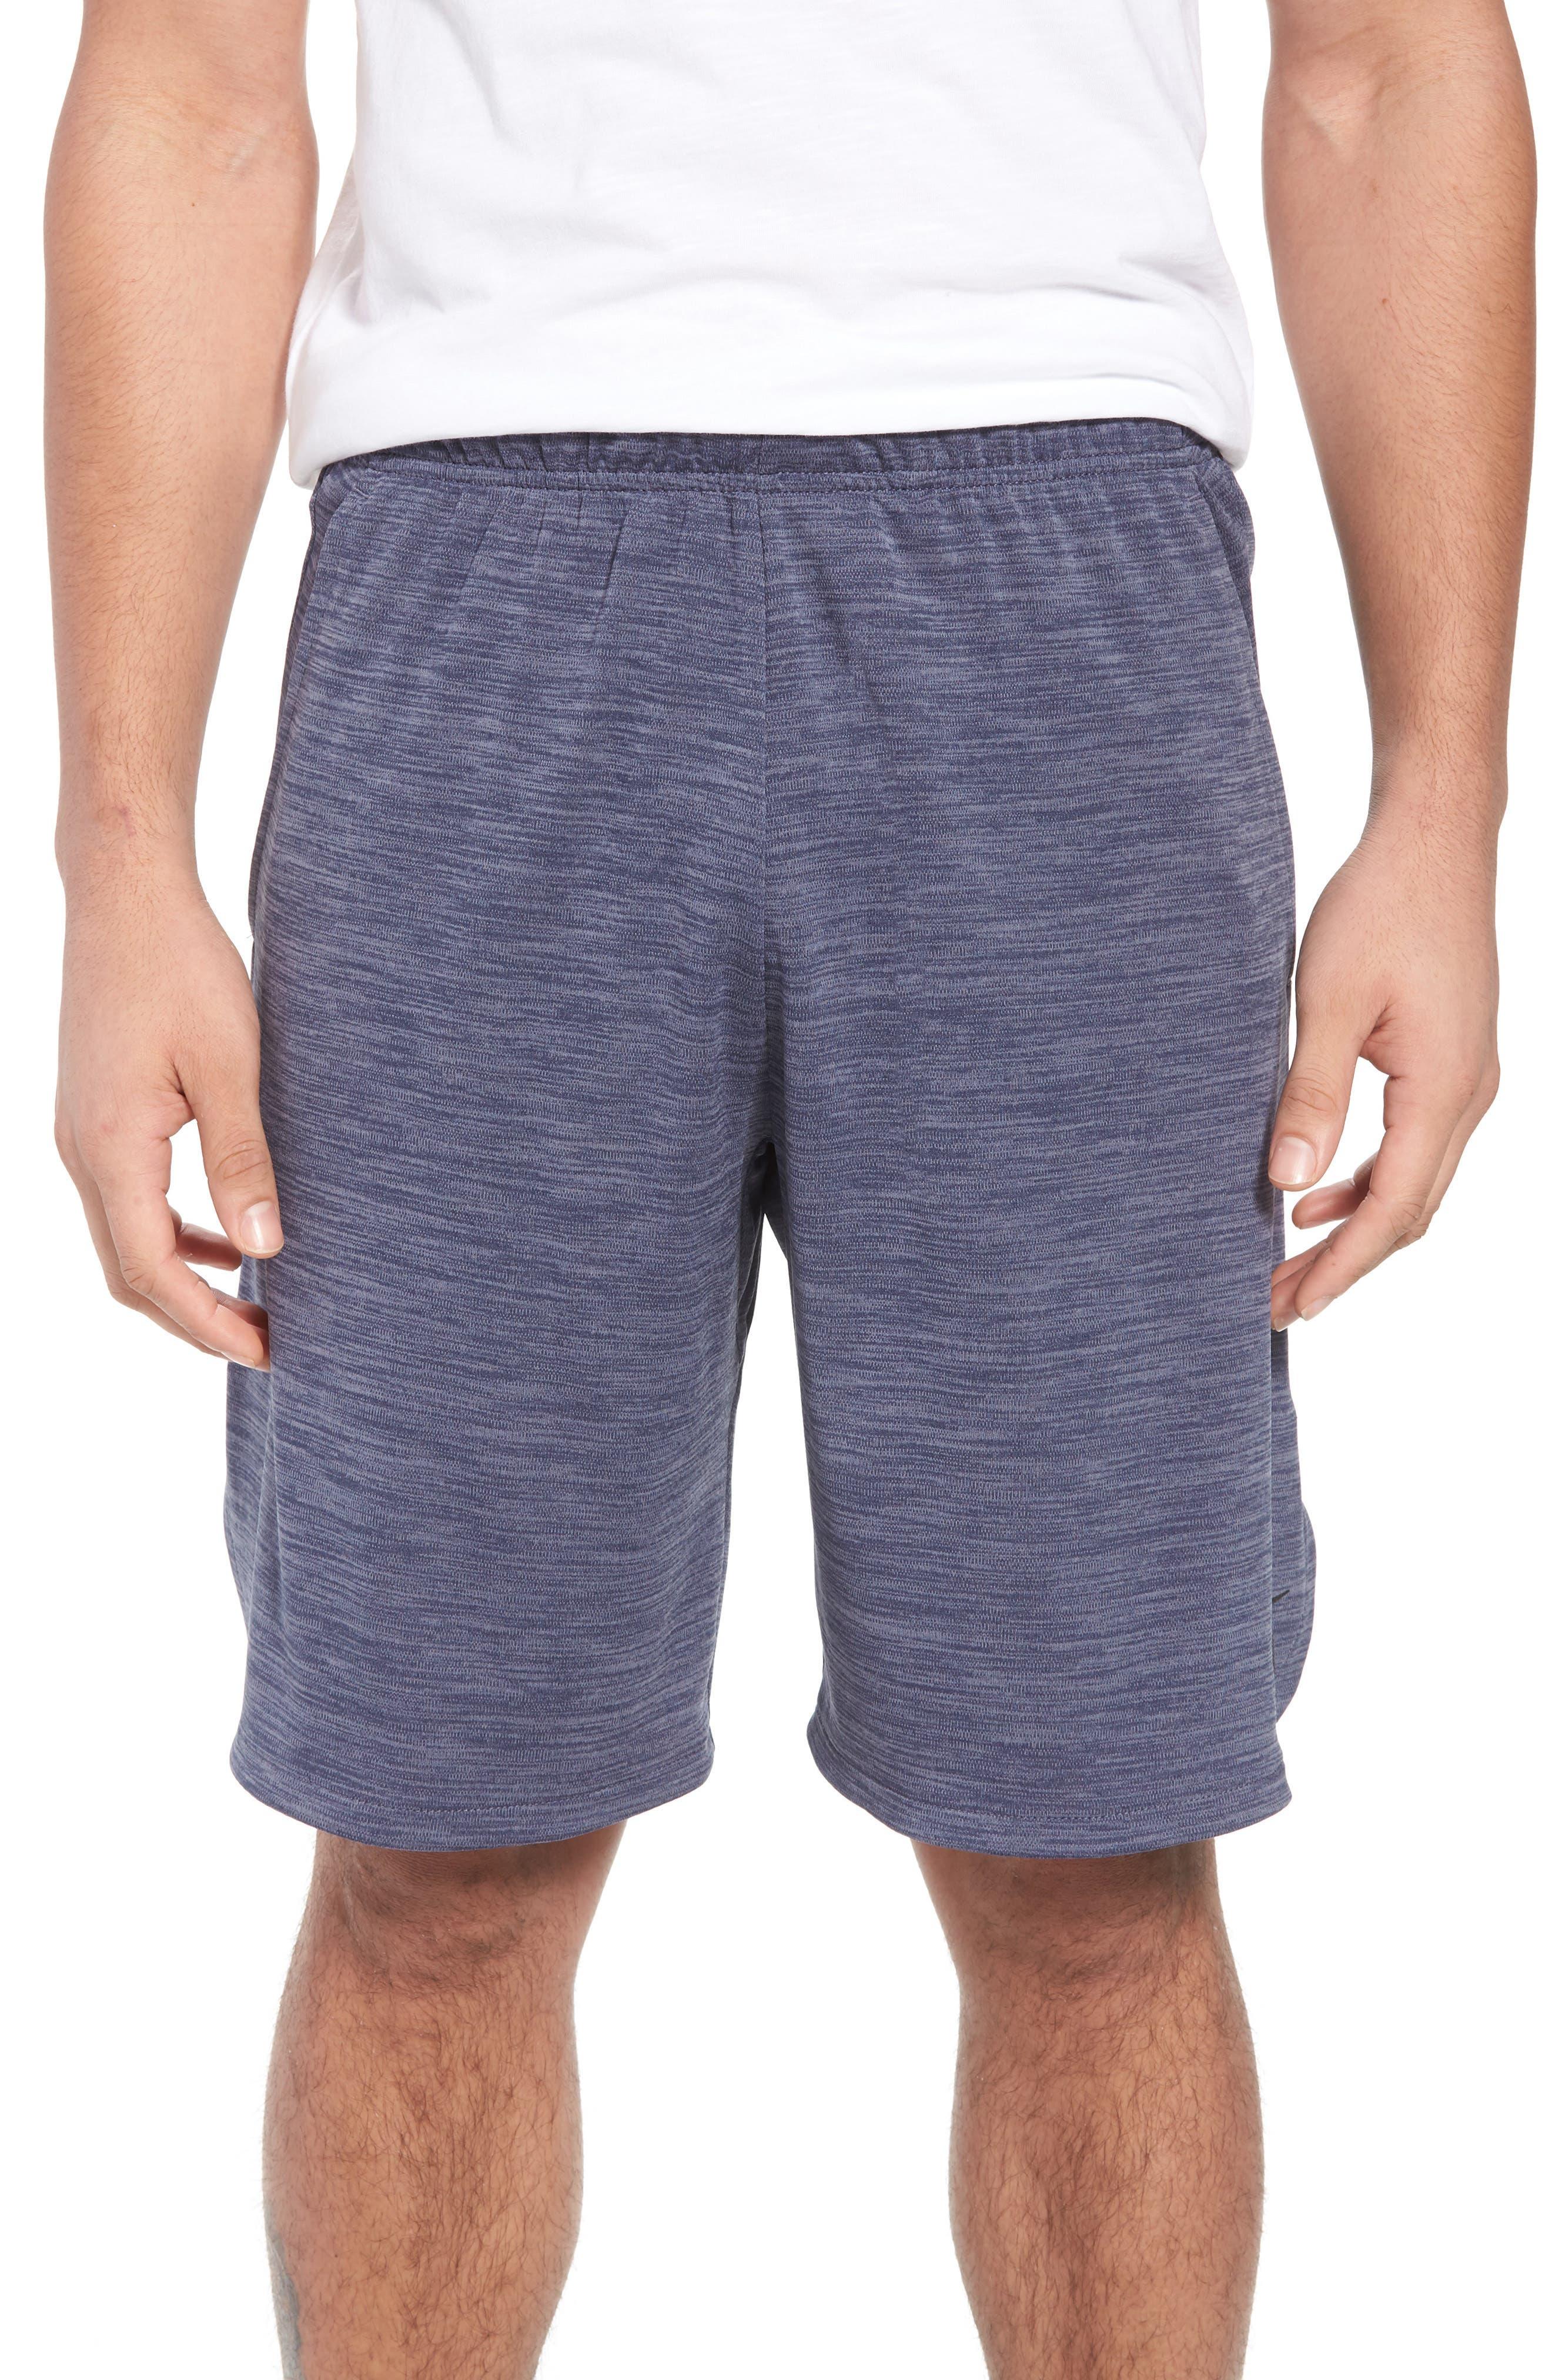 Dry Training Shorts,                             Main thumbnail 1, color,                             LIGHT CARBON/ BLACK